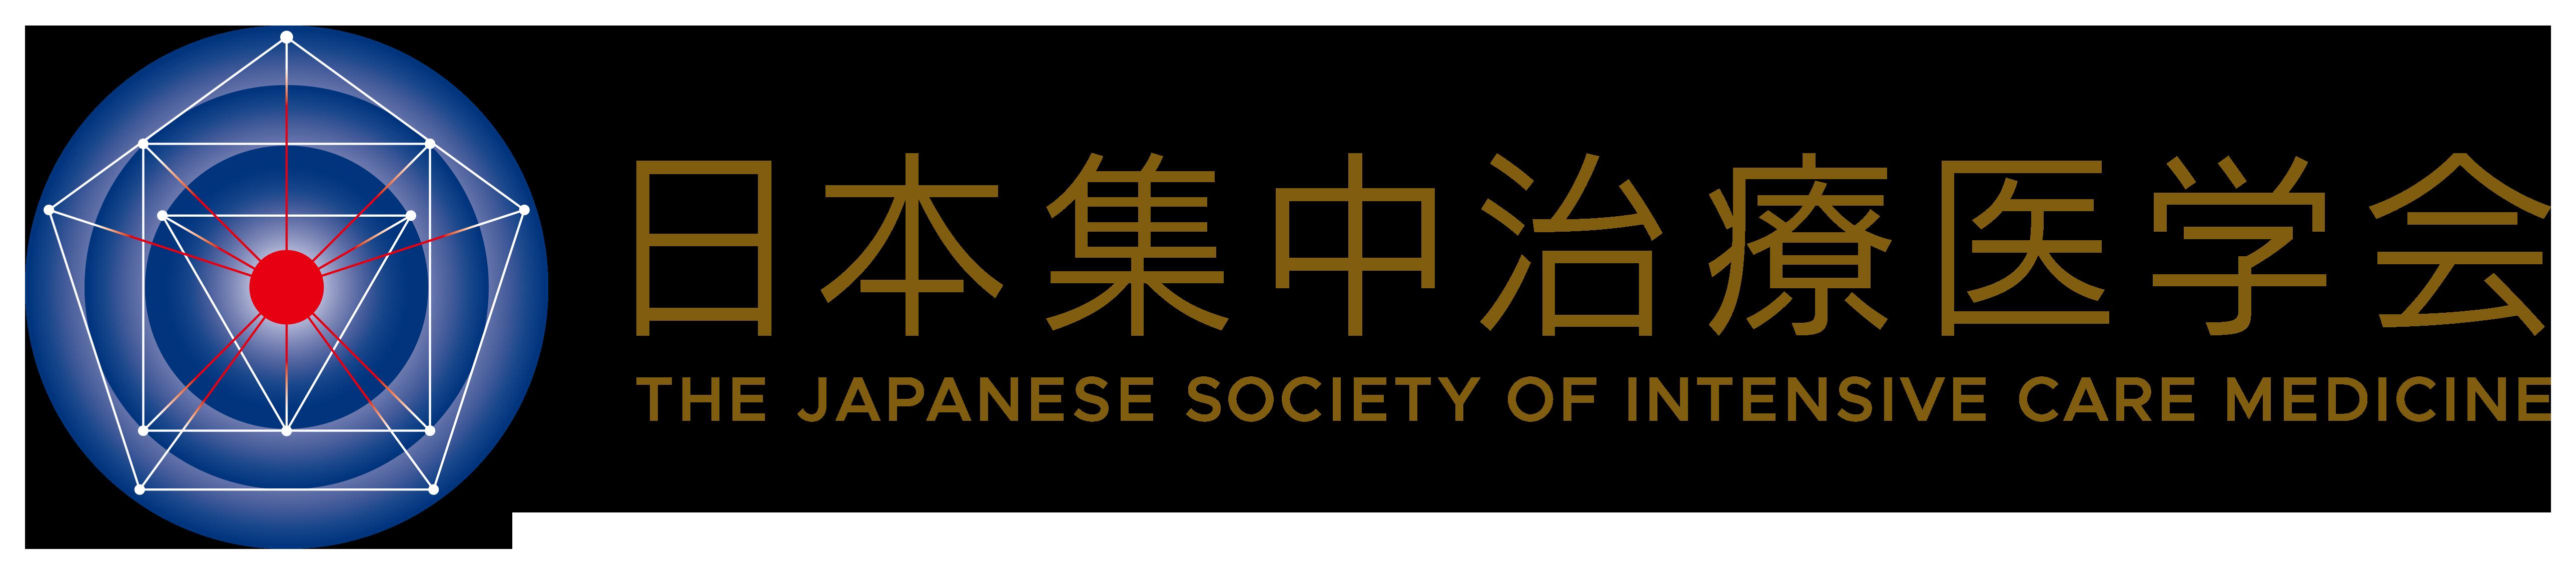 一般社団法人 日本集中治療医学会